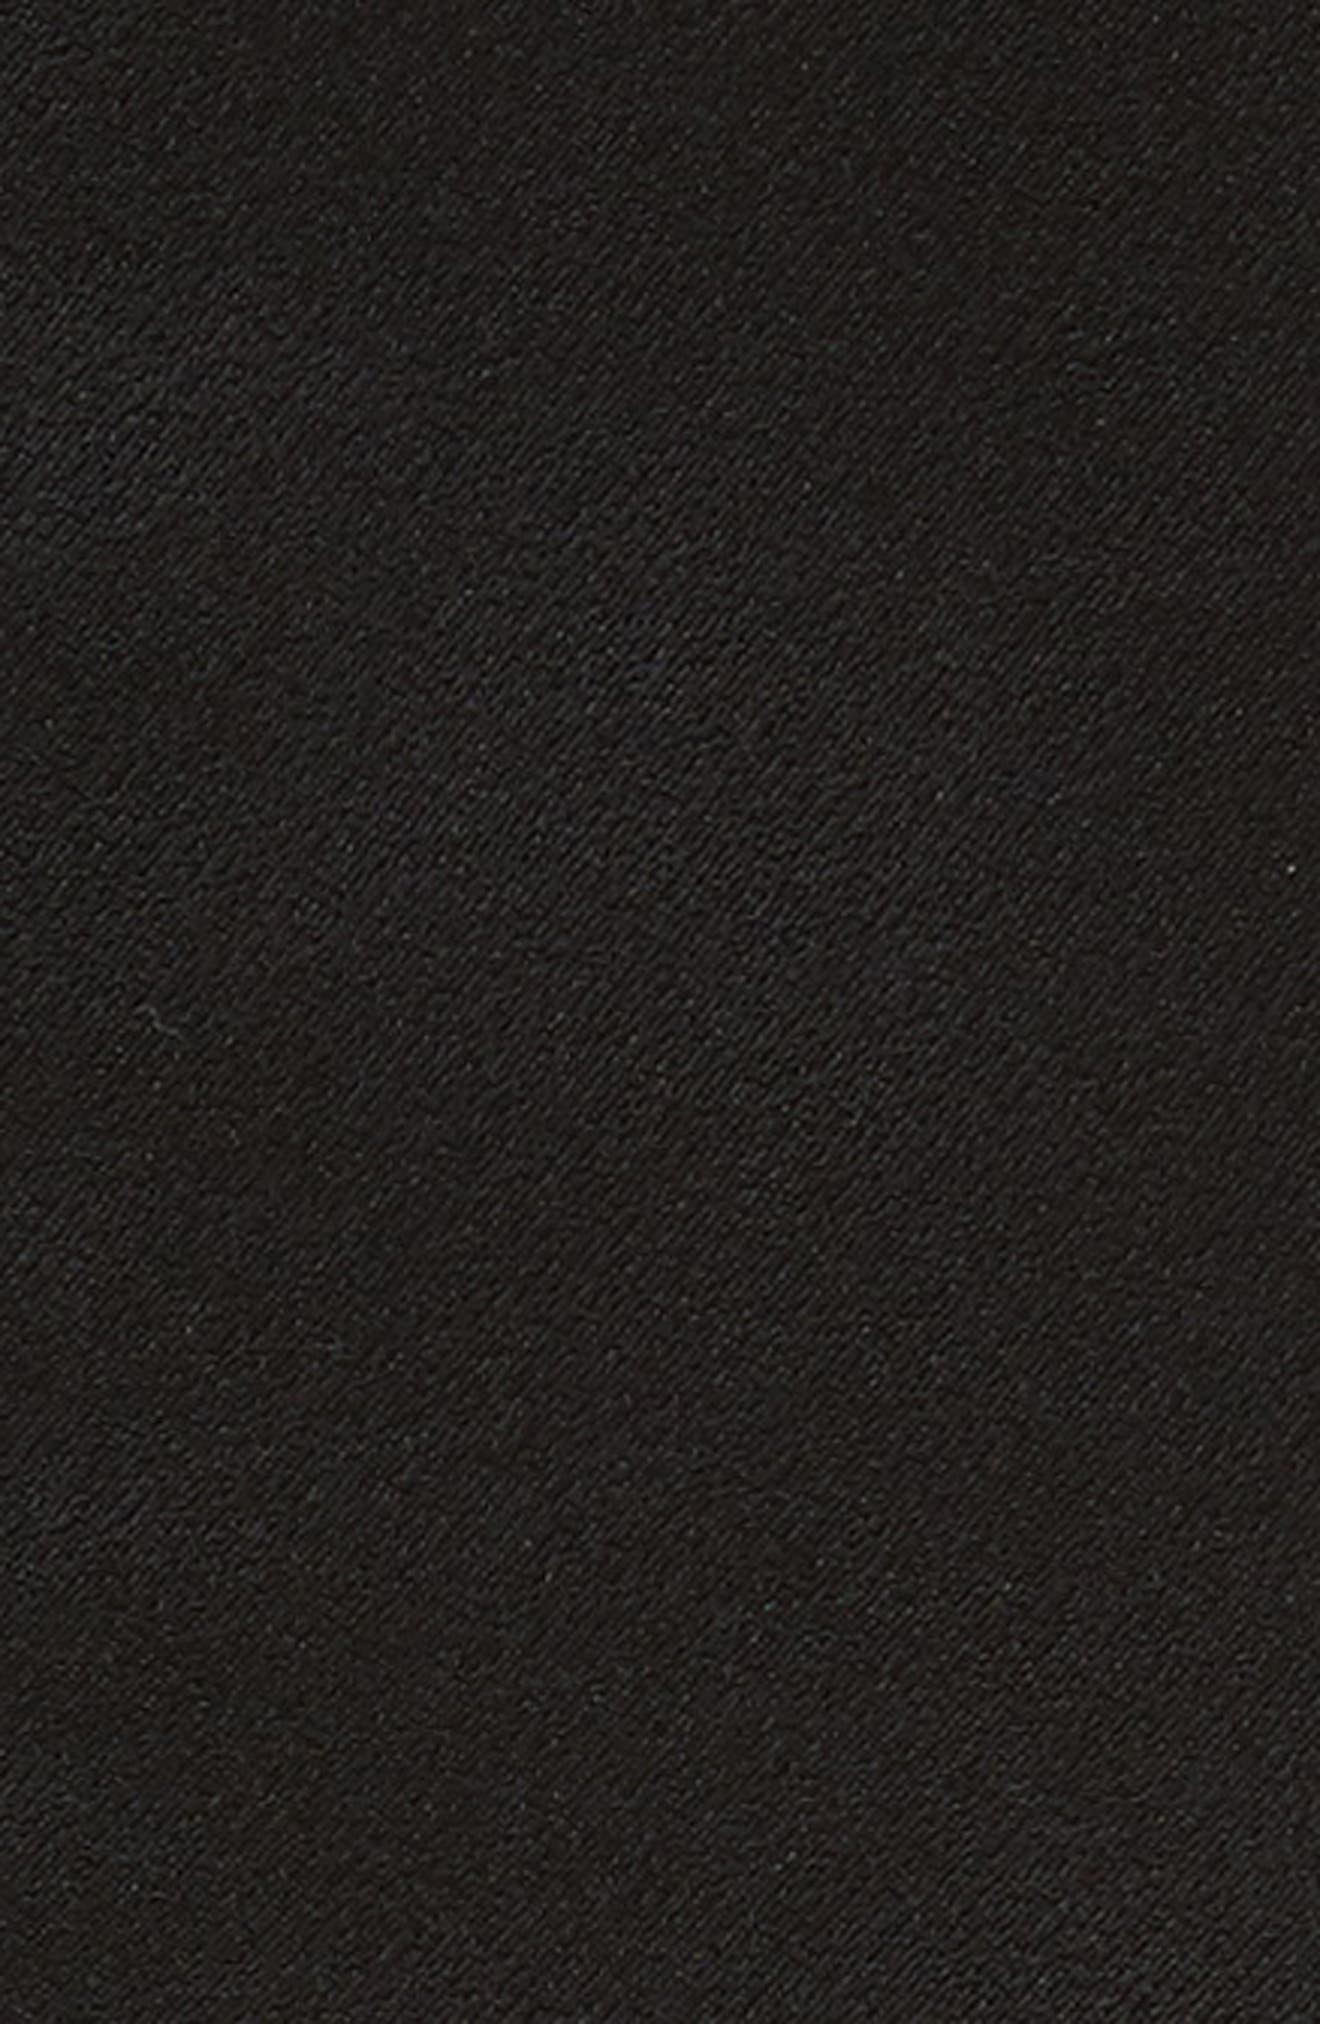 Lace Up Satin Crepe Jumpsuit,                             Alternate thumbnail 5, color,                             001